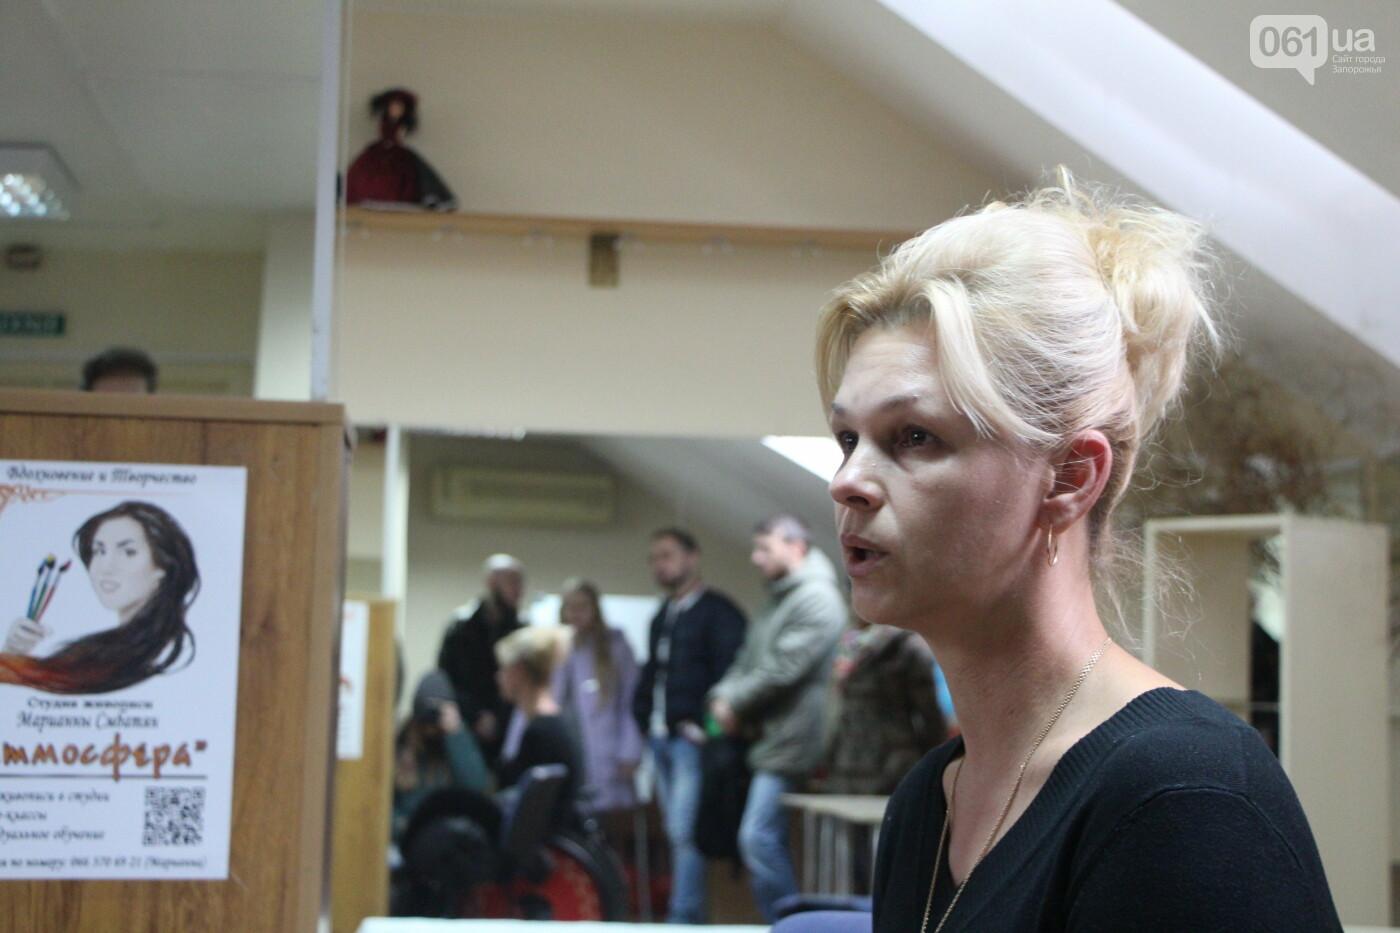 """ЛГБТ, люди с инвалидностью и модульный городок: в Запорожье прошла экскурсия """"Автобус прав человека"""", - ФОТОРЕПОРТАЖ, фото-13"""